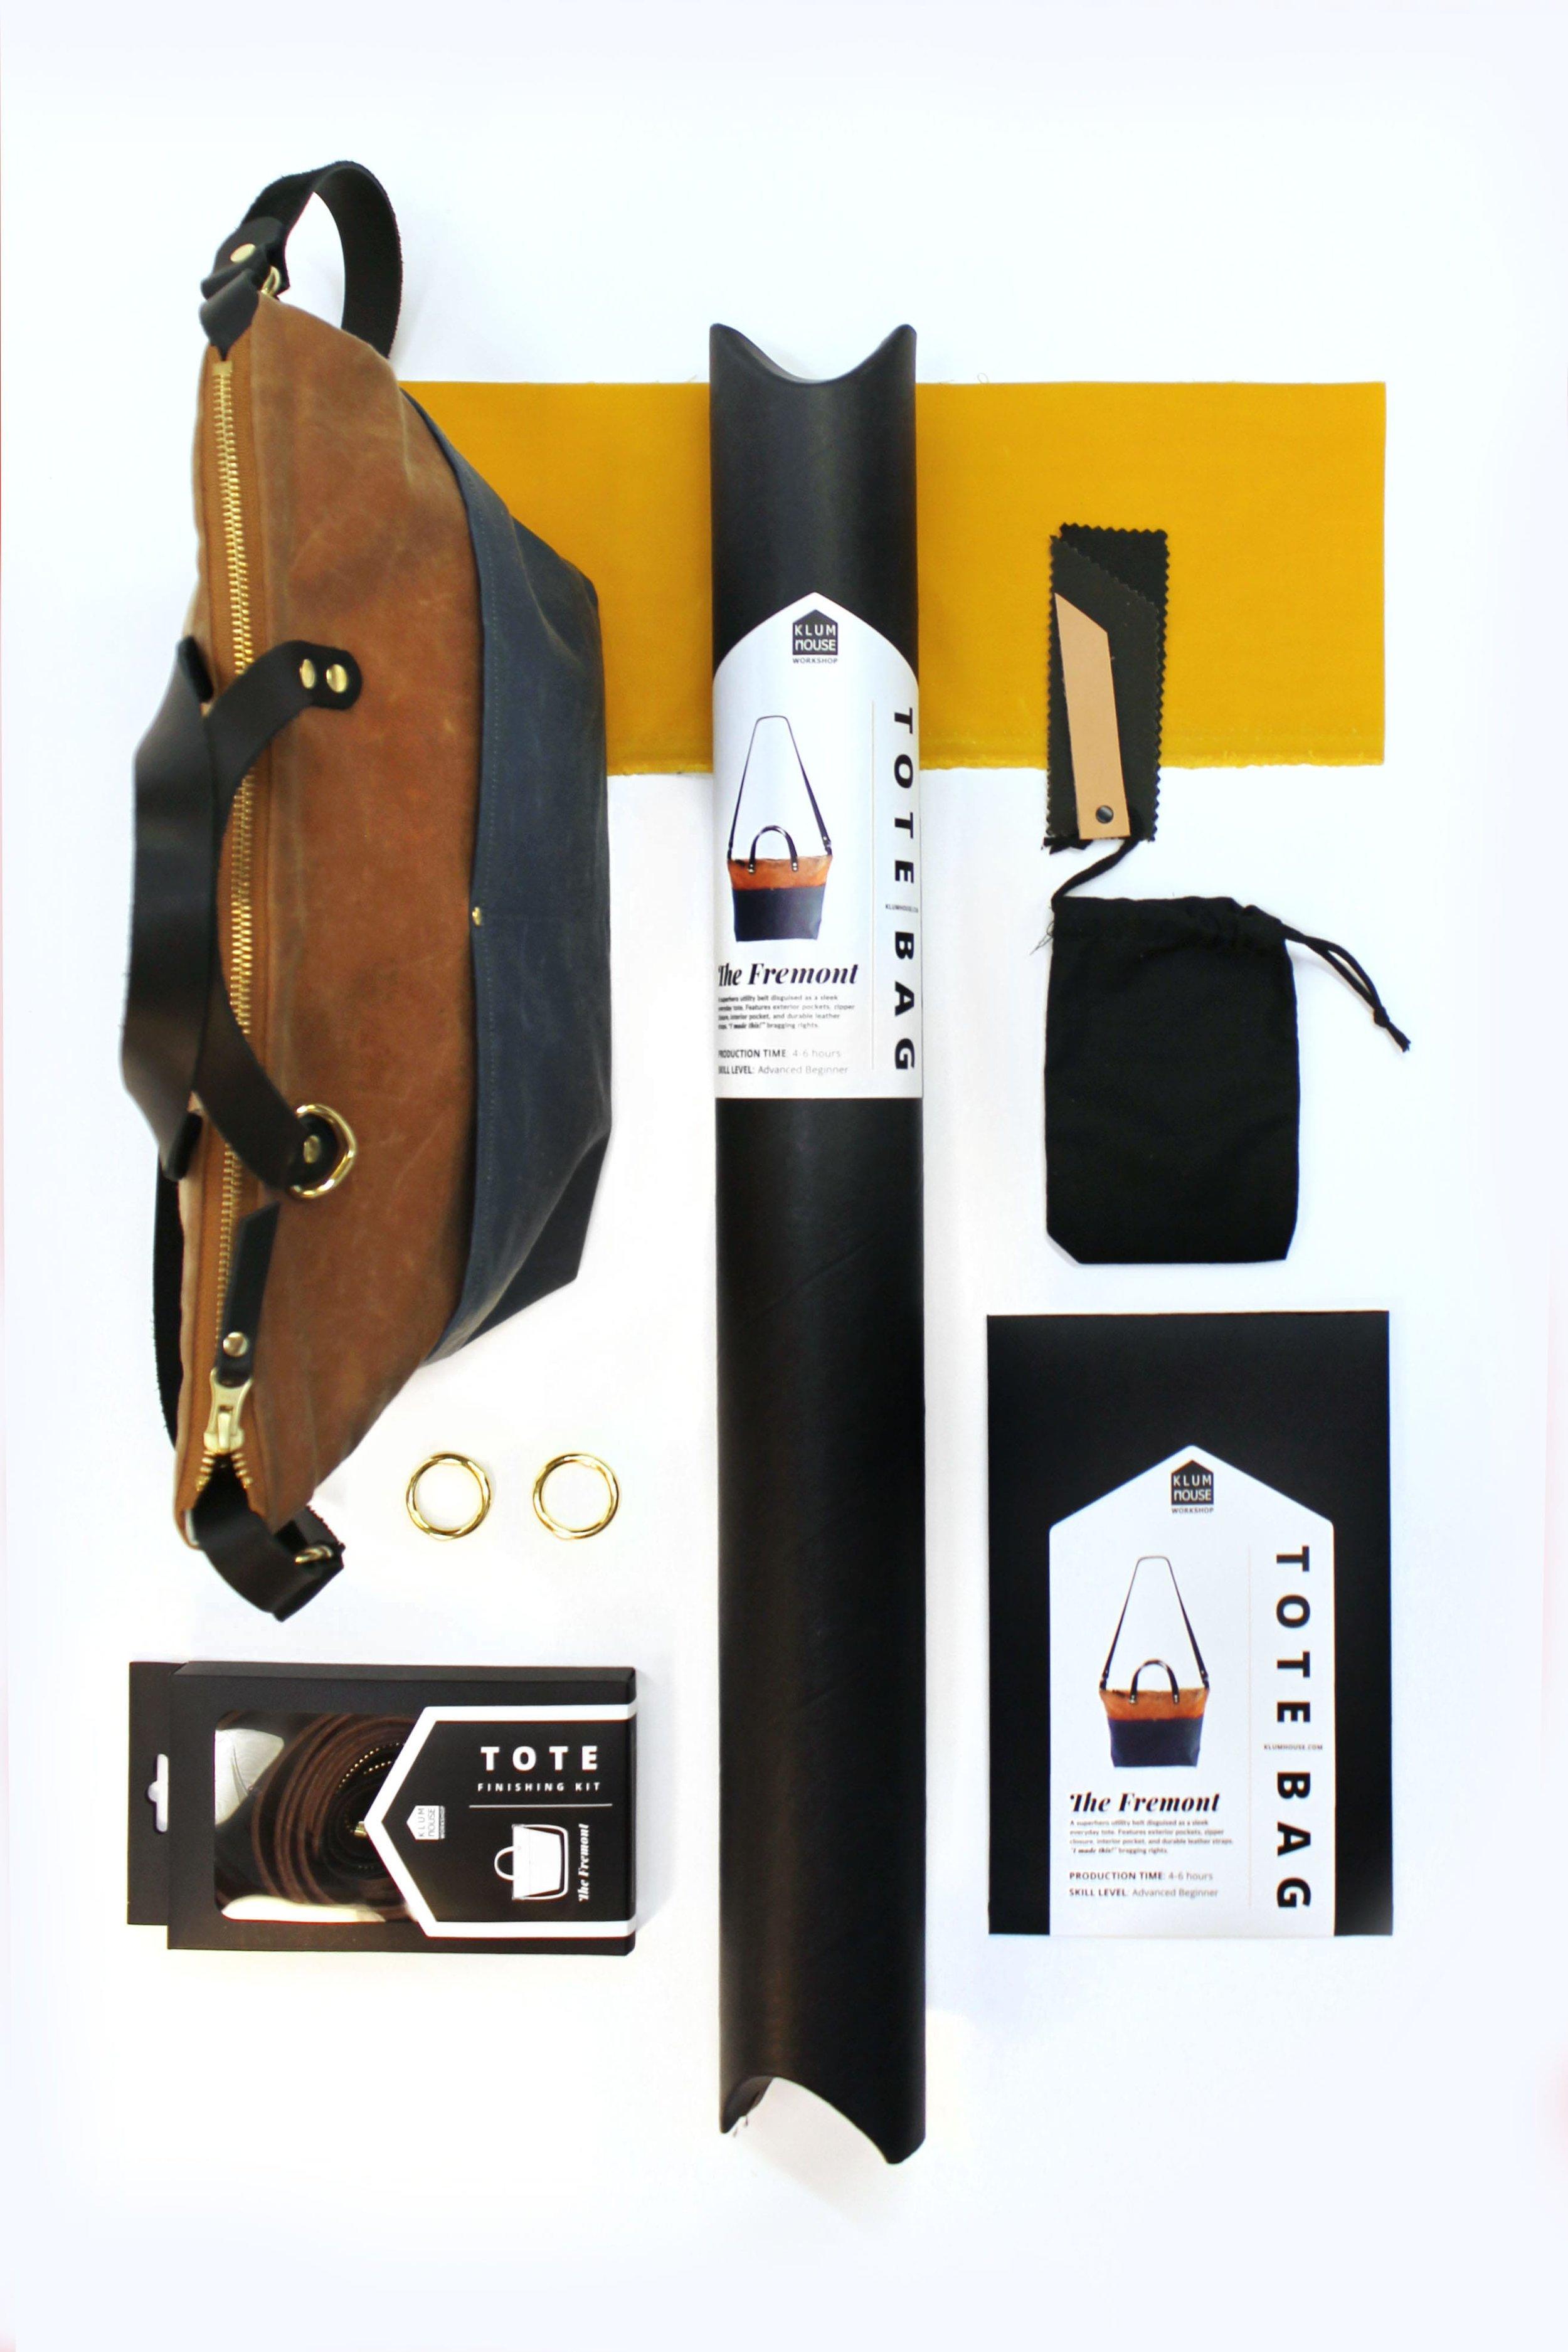 fremont-maker-kit.jpg